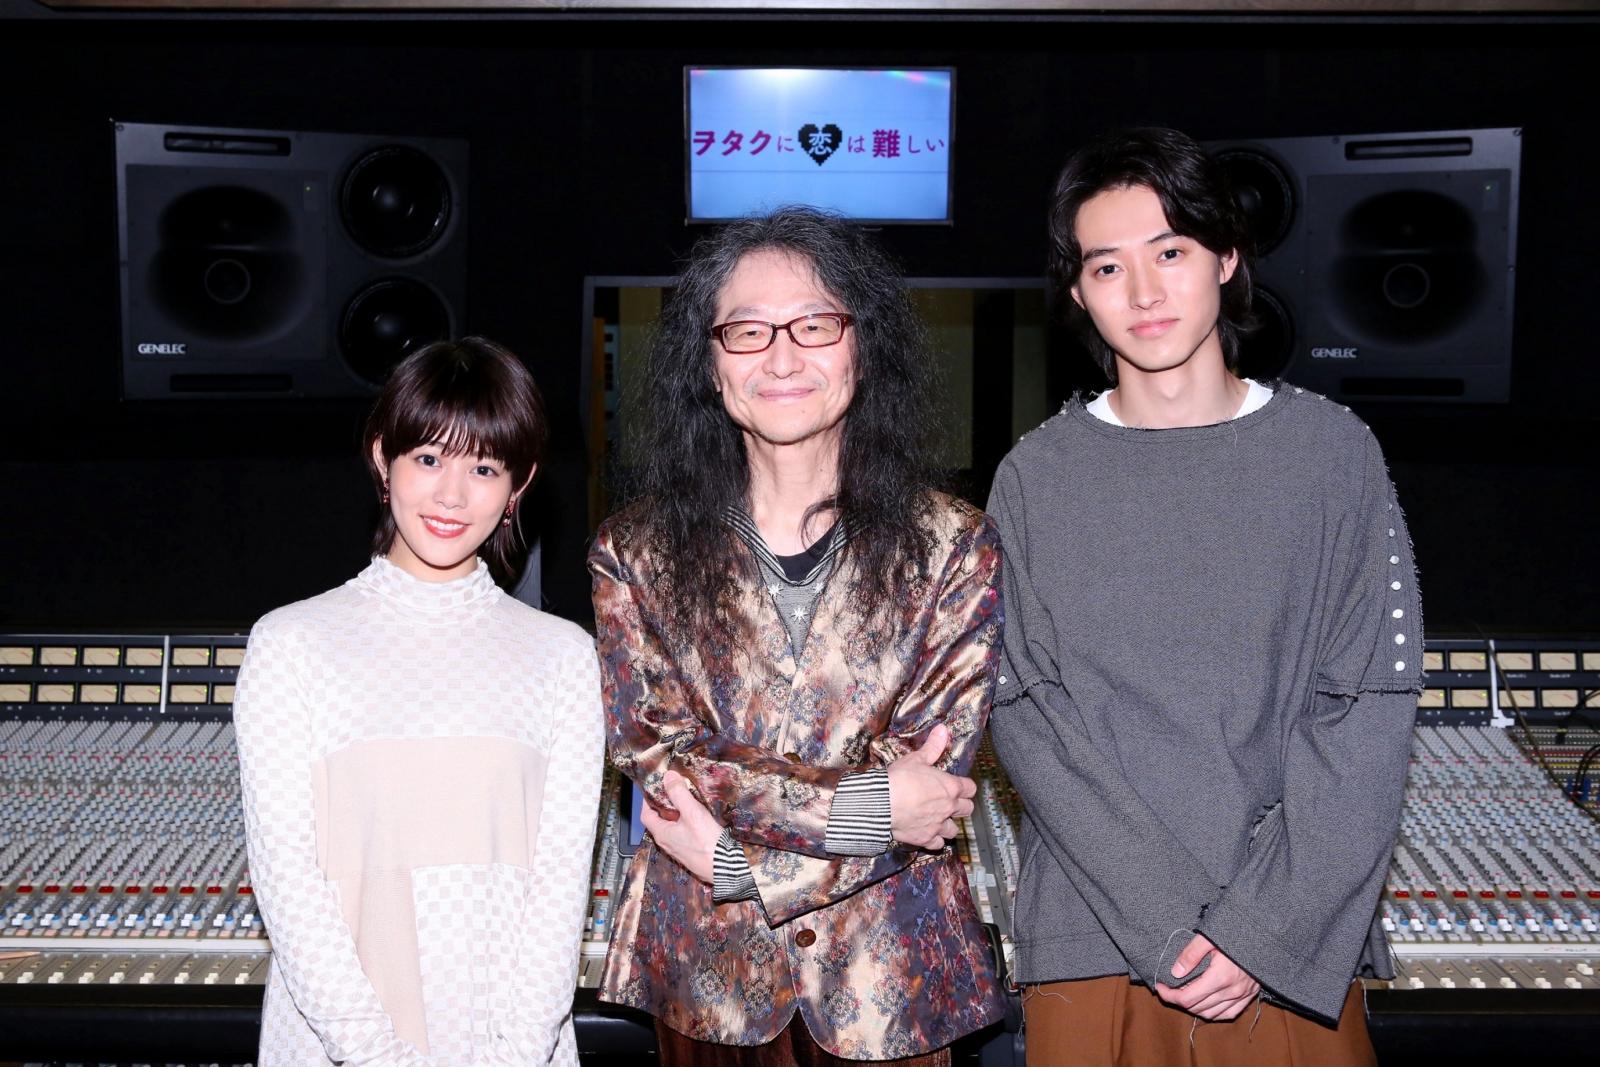 【ヲタ恋】音楽情報出し用 3ショット